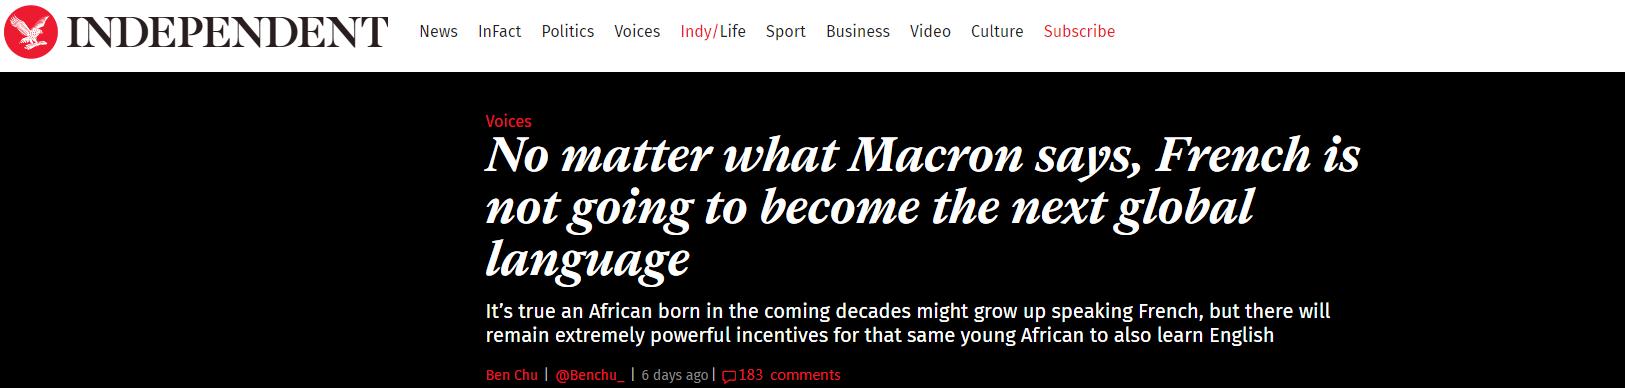 马克龙说法语将成世界第一语言 英国网民坐不住了